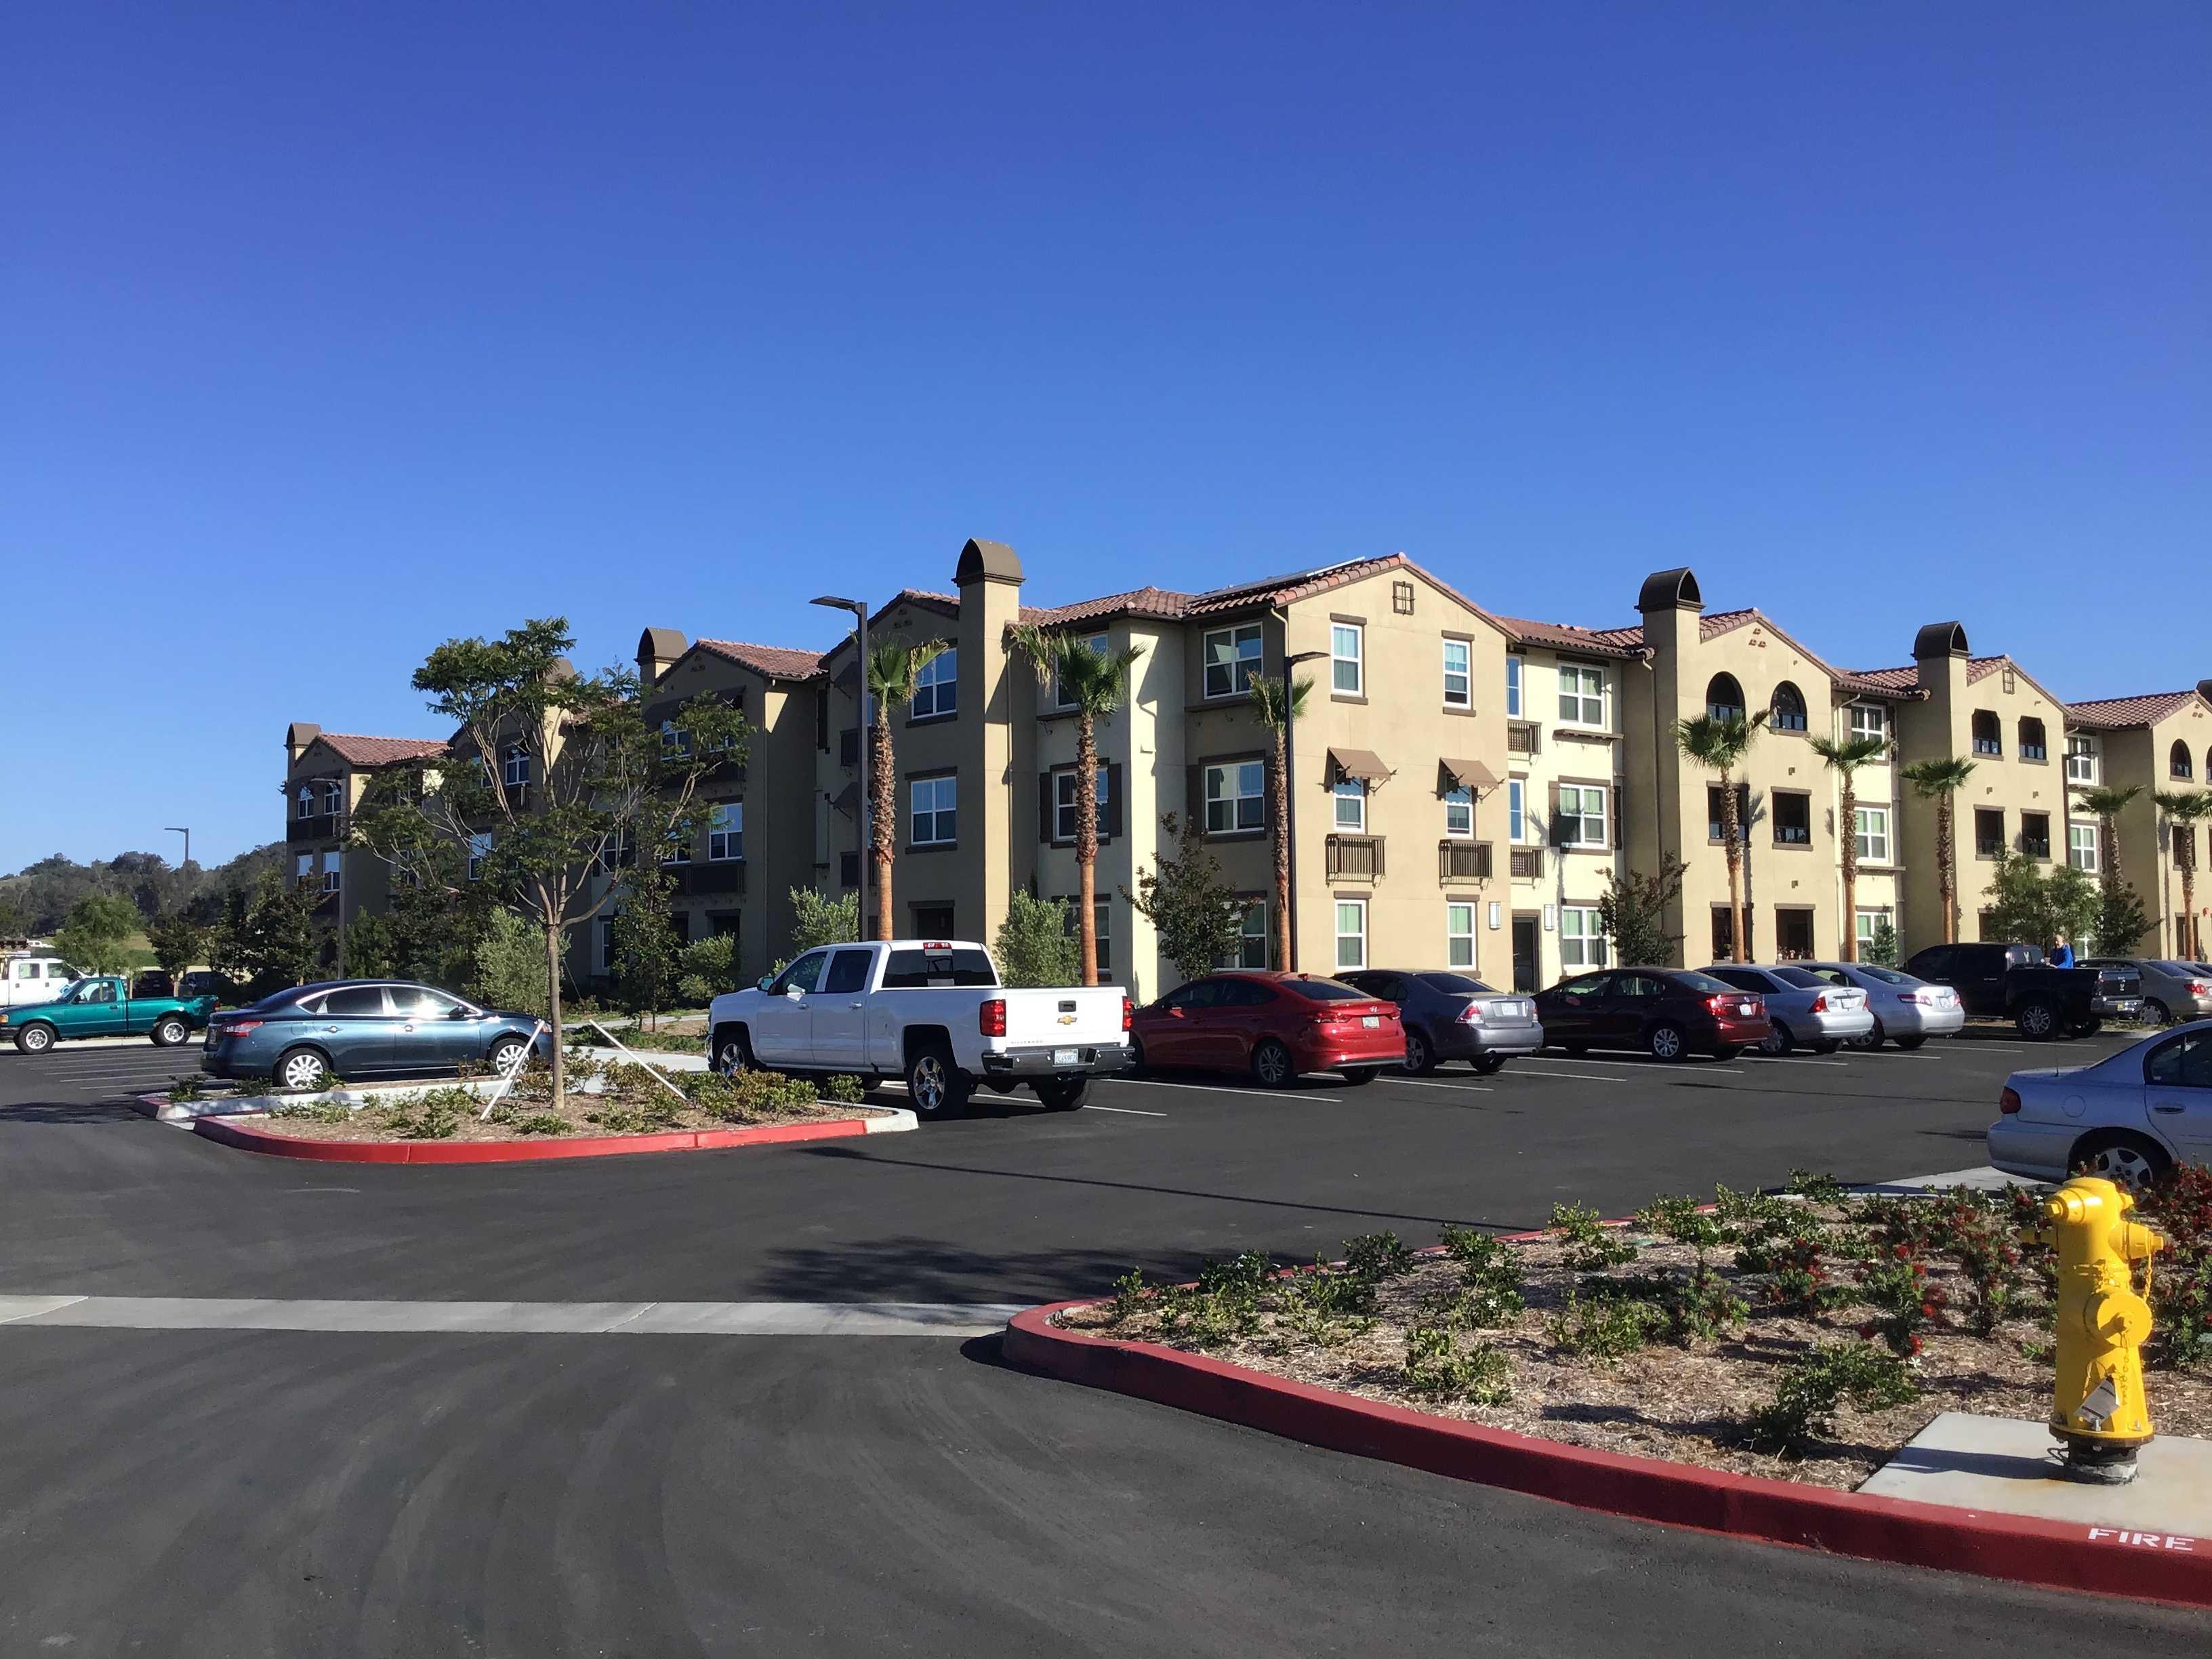 Springville Seniors Apartments